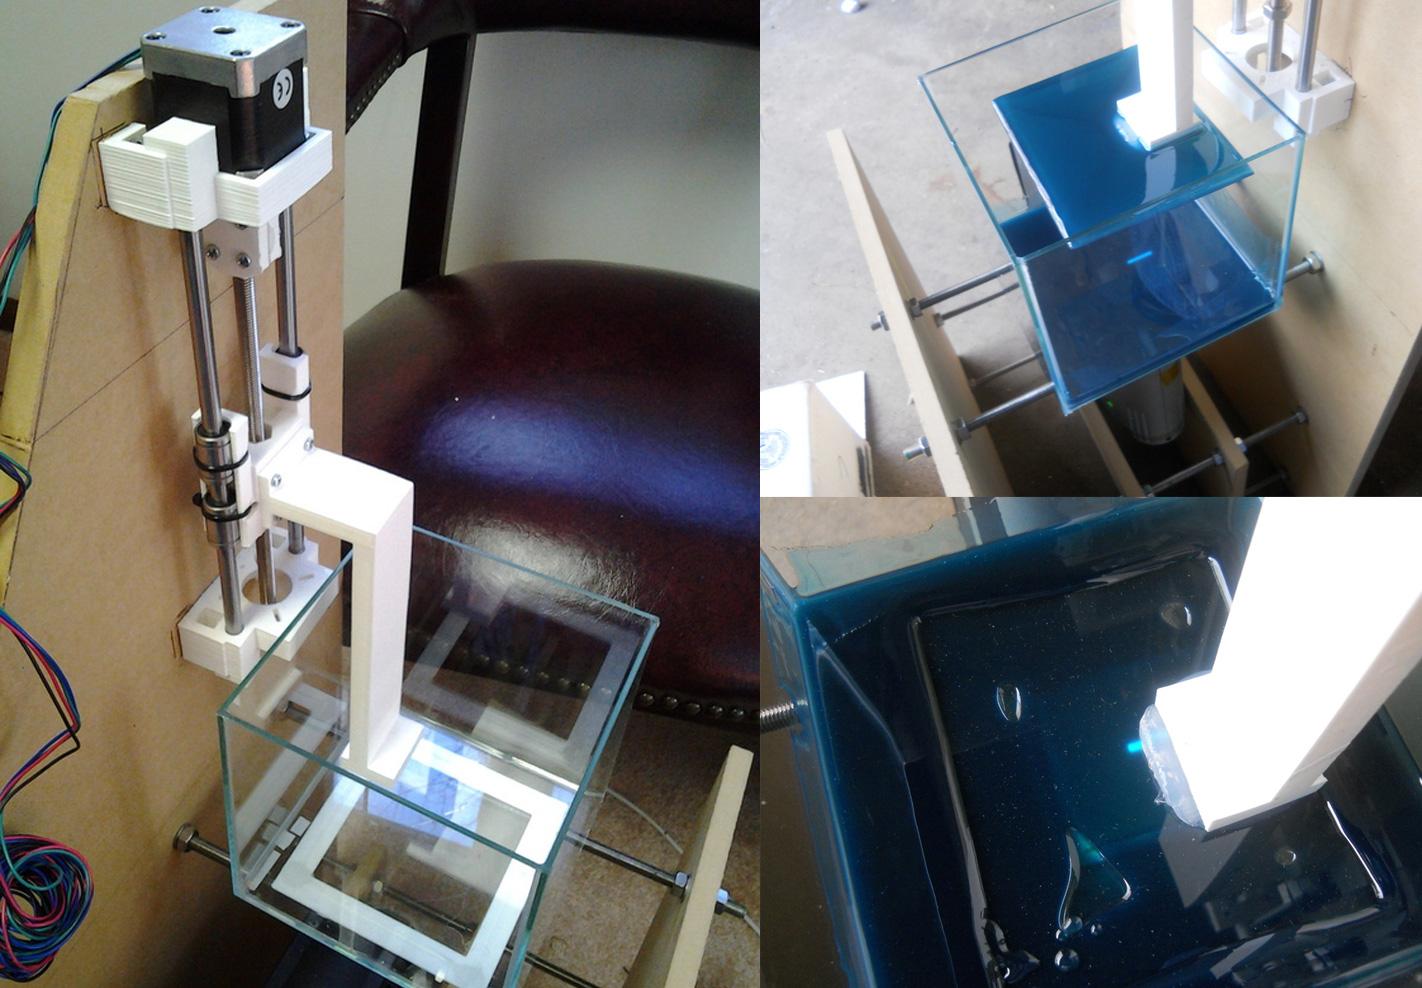 Christopher Jansen's DLP-based resin 3D printer